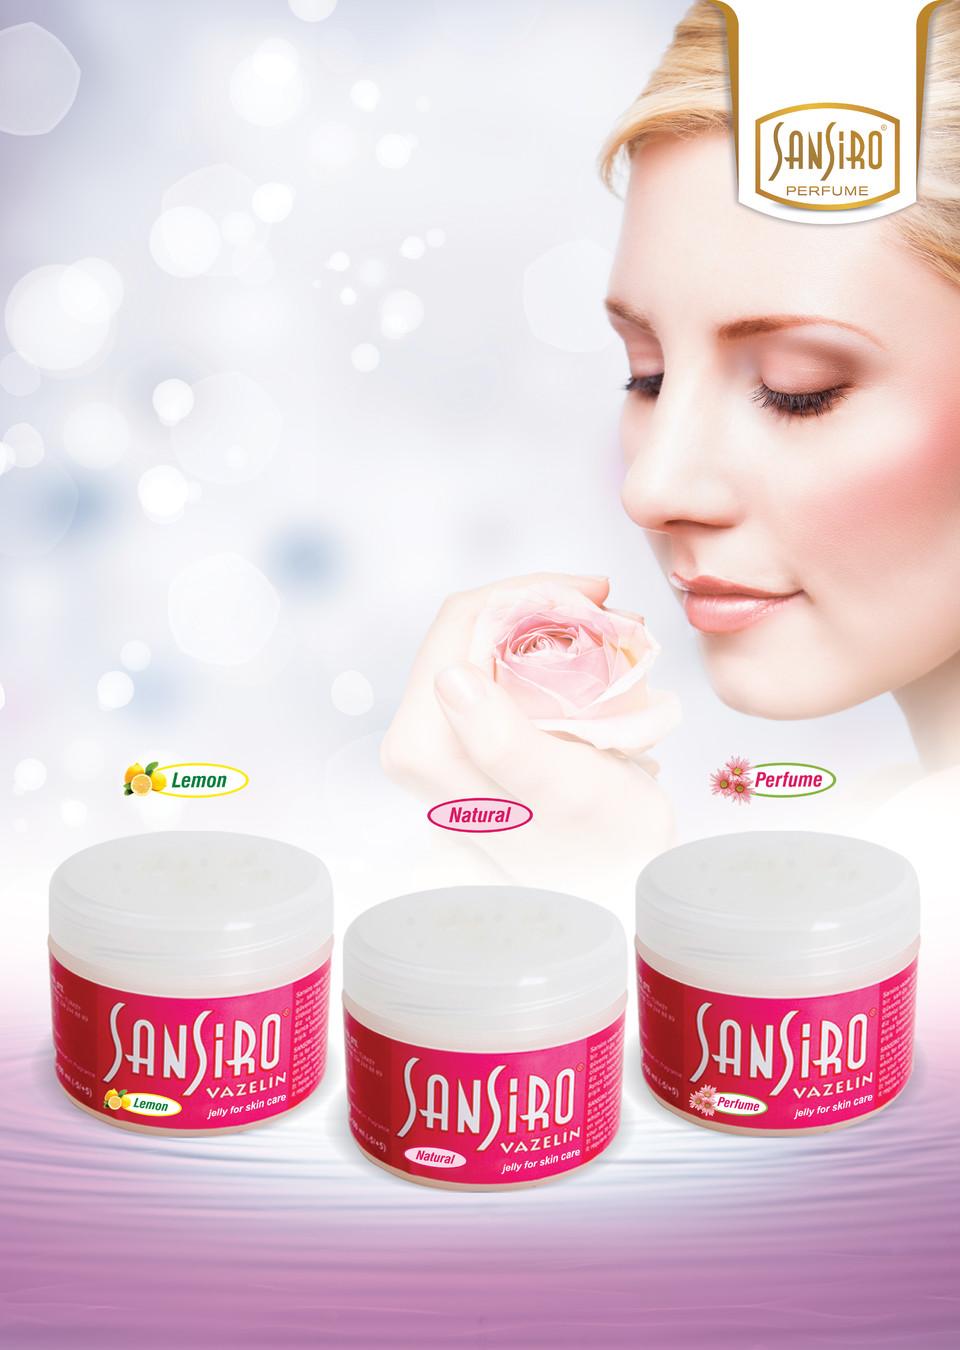 Sansiro Perfume - Sonstiges - Vaseline